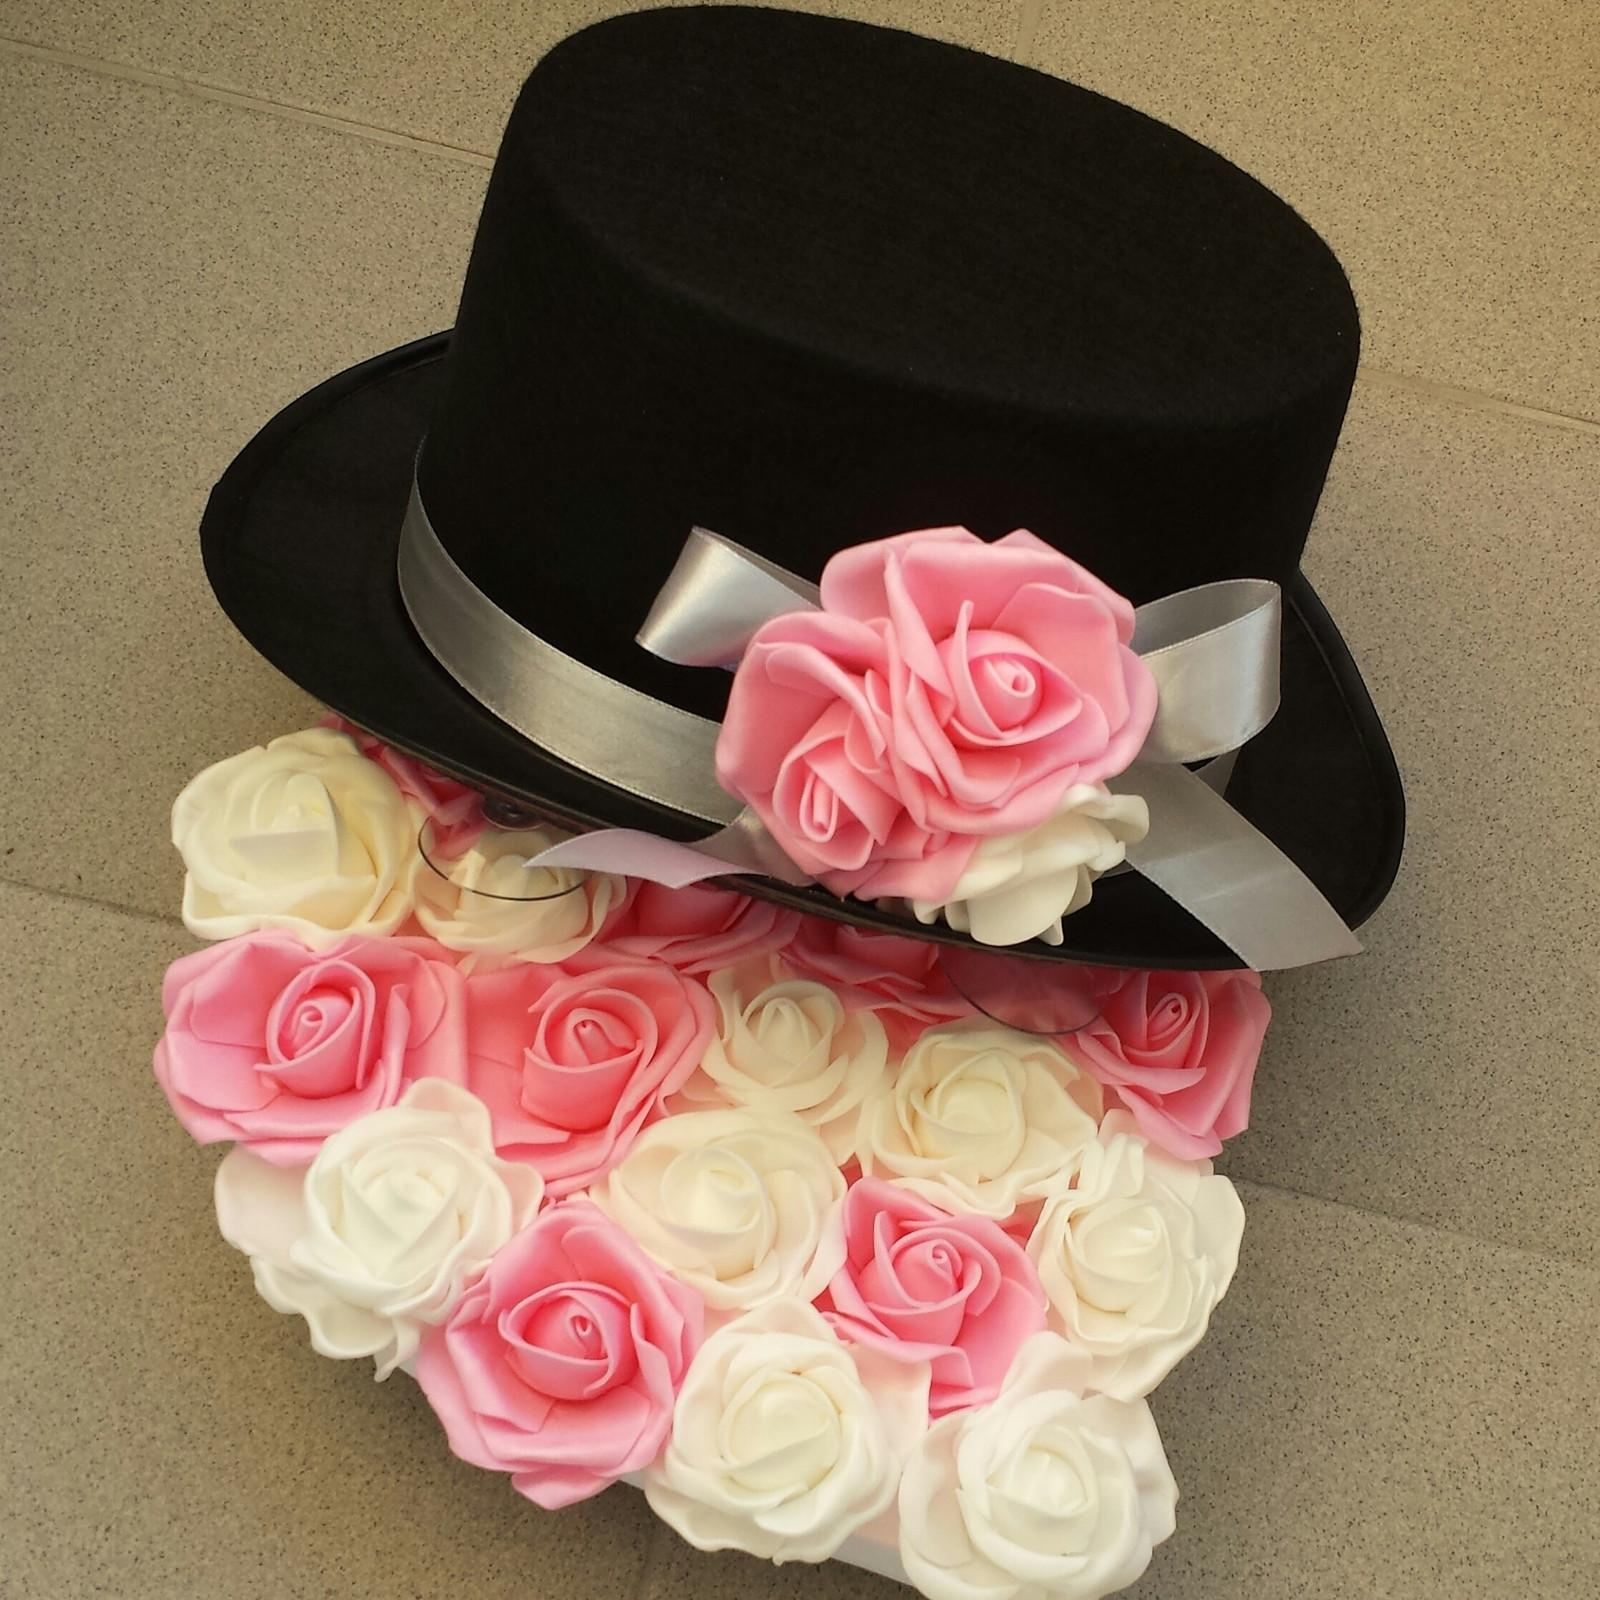 Cylindr na svatební auto - bílá + sytě růžová - Obrázek č. 1